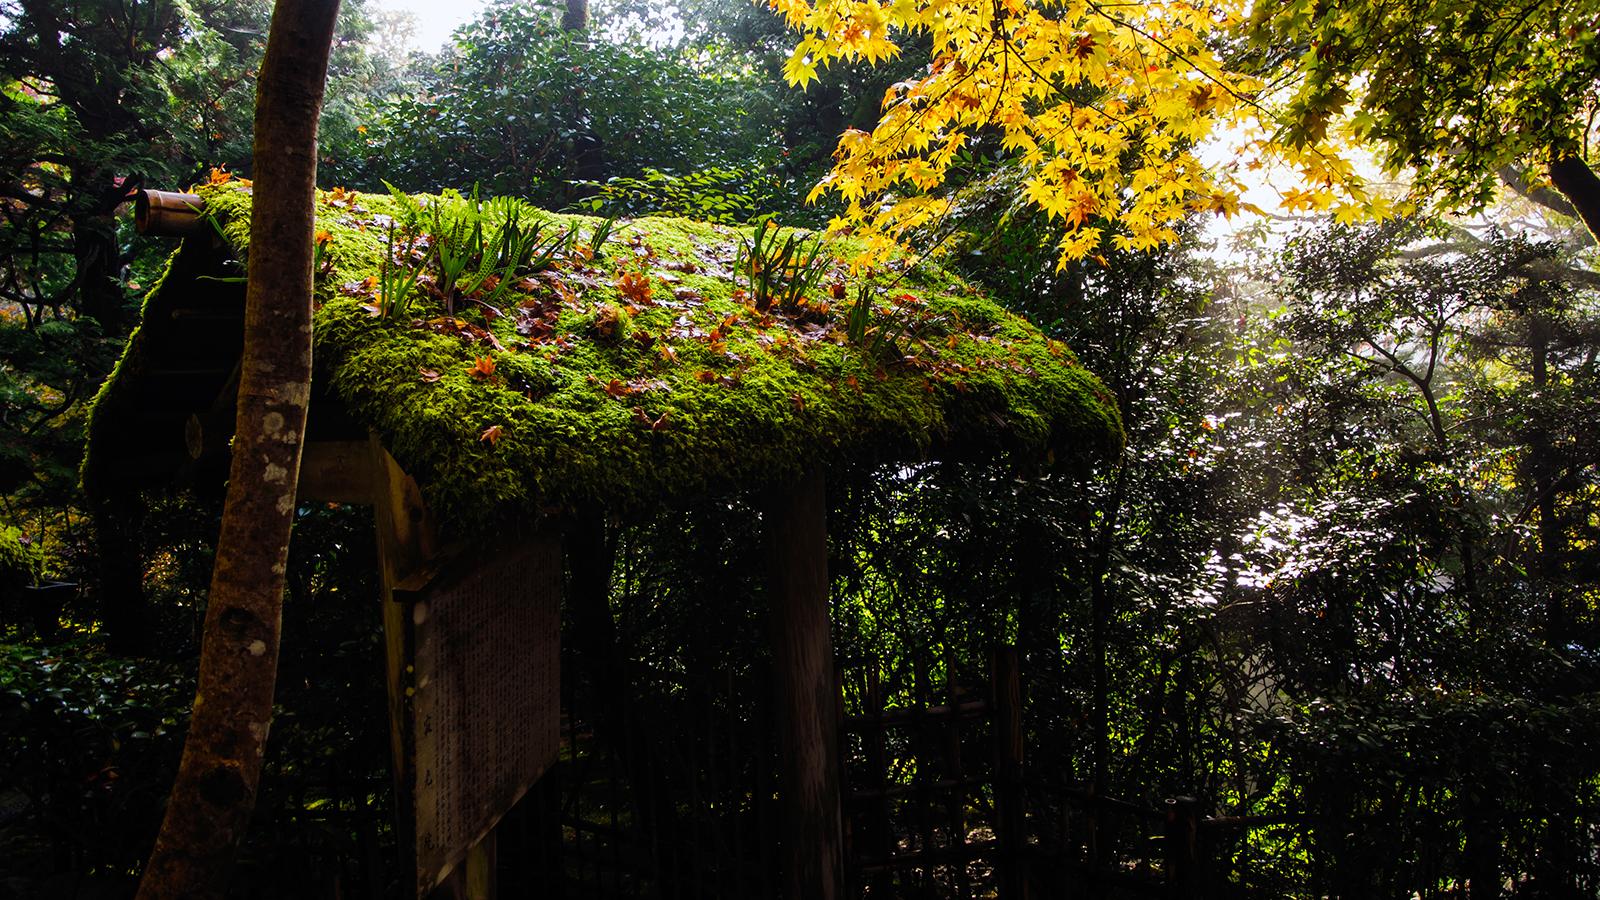 京都大原の寂光院:諸行無常の寺、苔ともみじと明と暗 - -京都市左京区大原- -